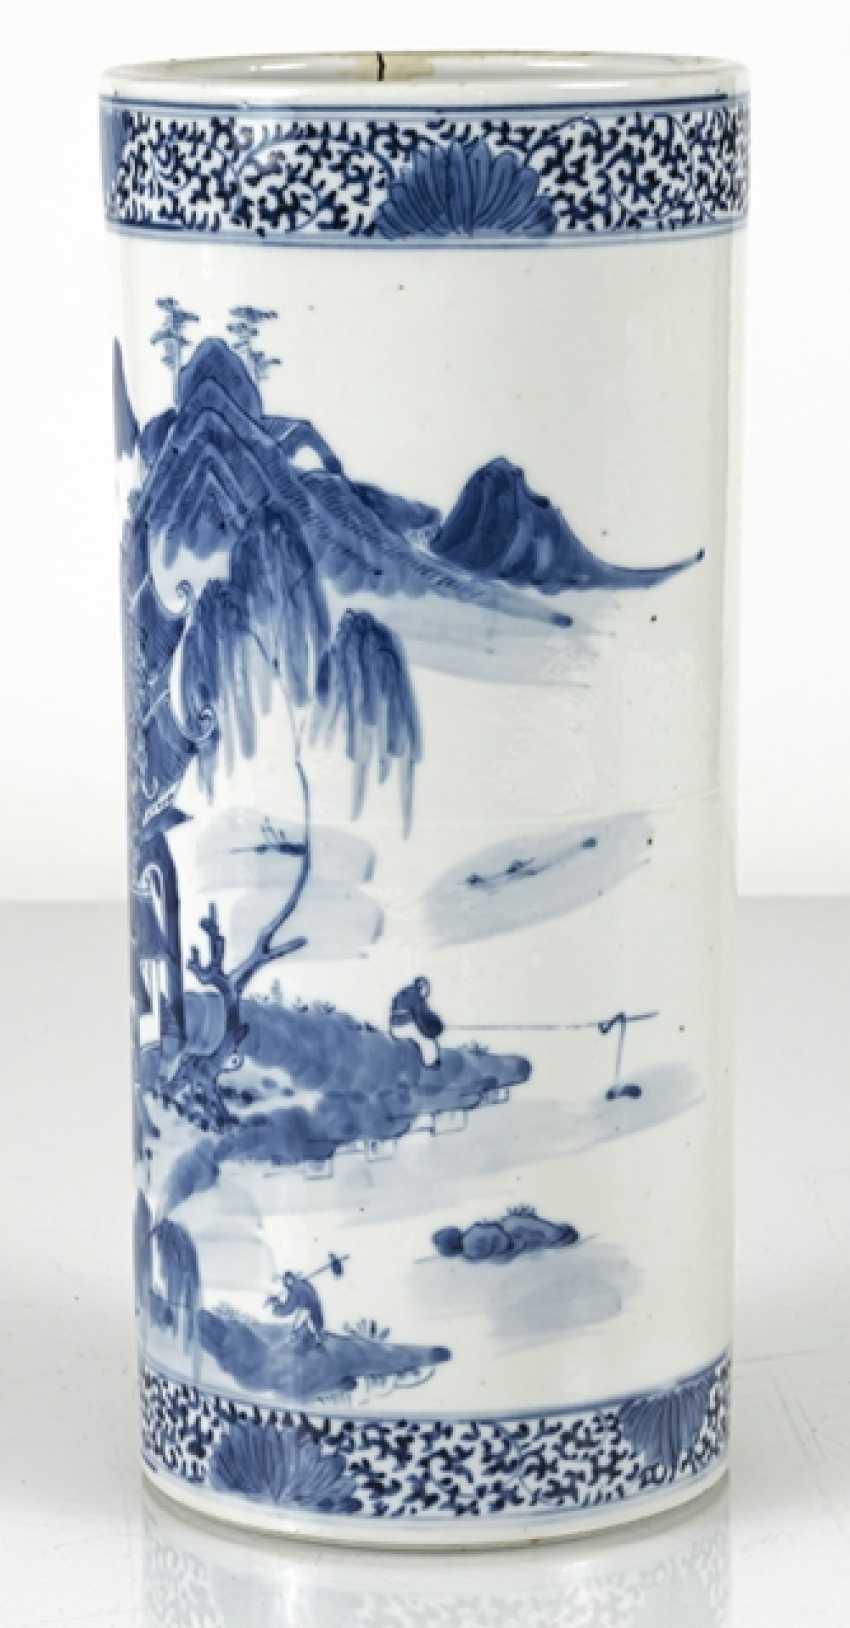 Cylindrical Vase made of porcelain with underglaze blue landscape decoration - photo 3